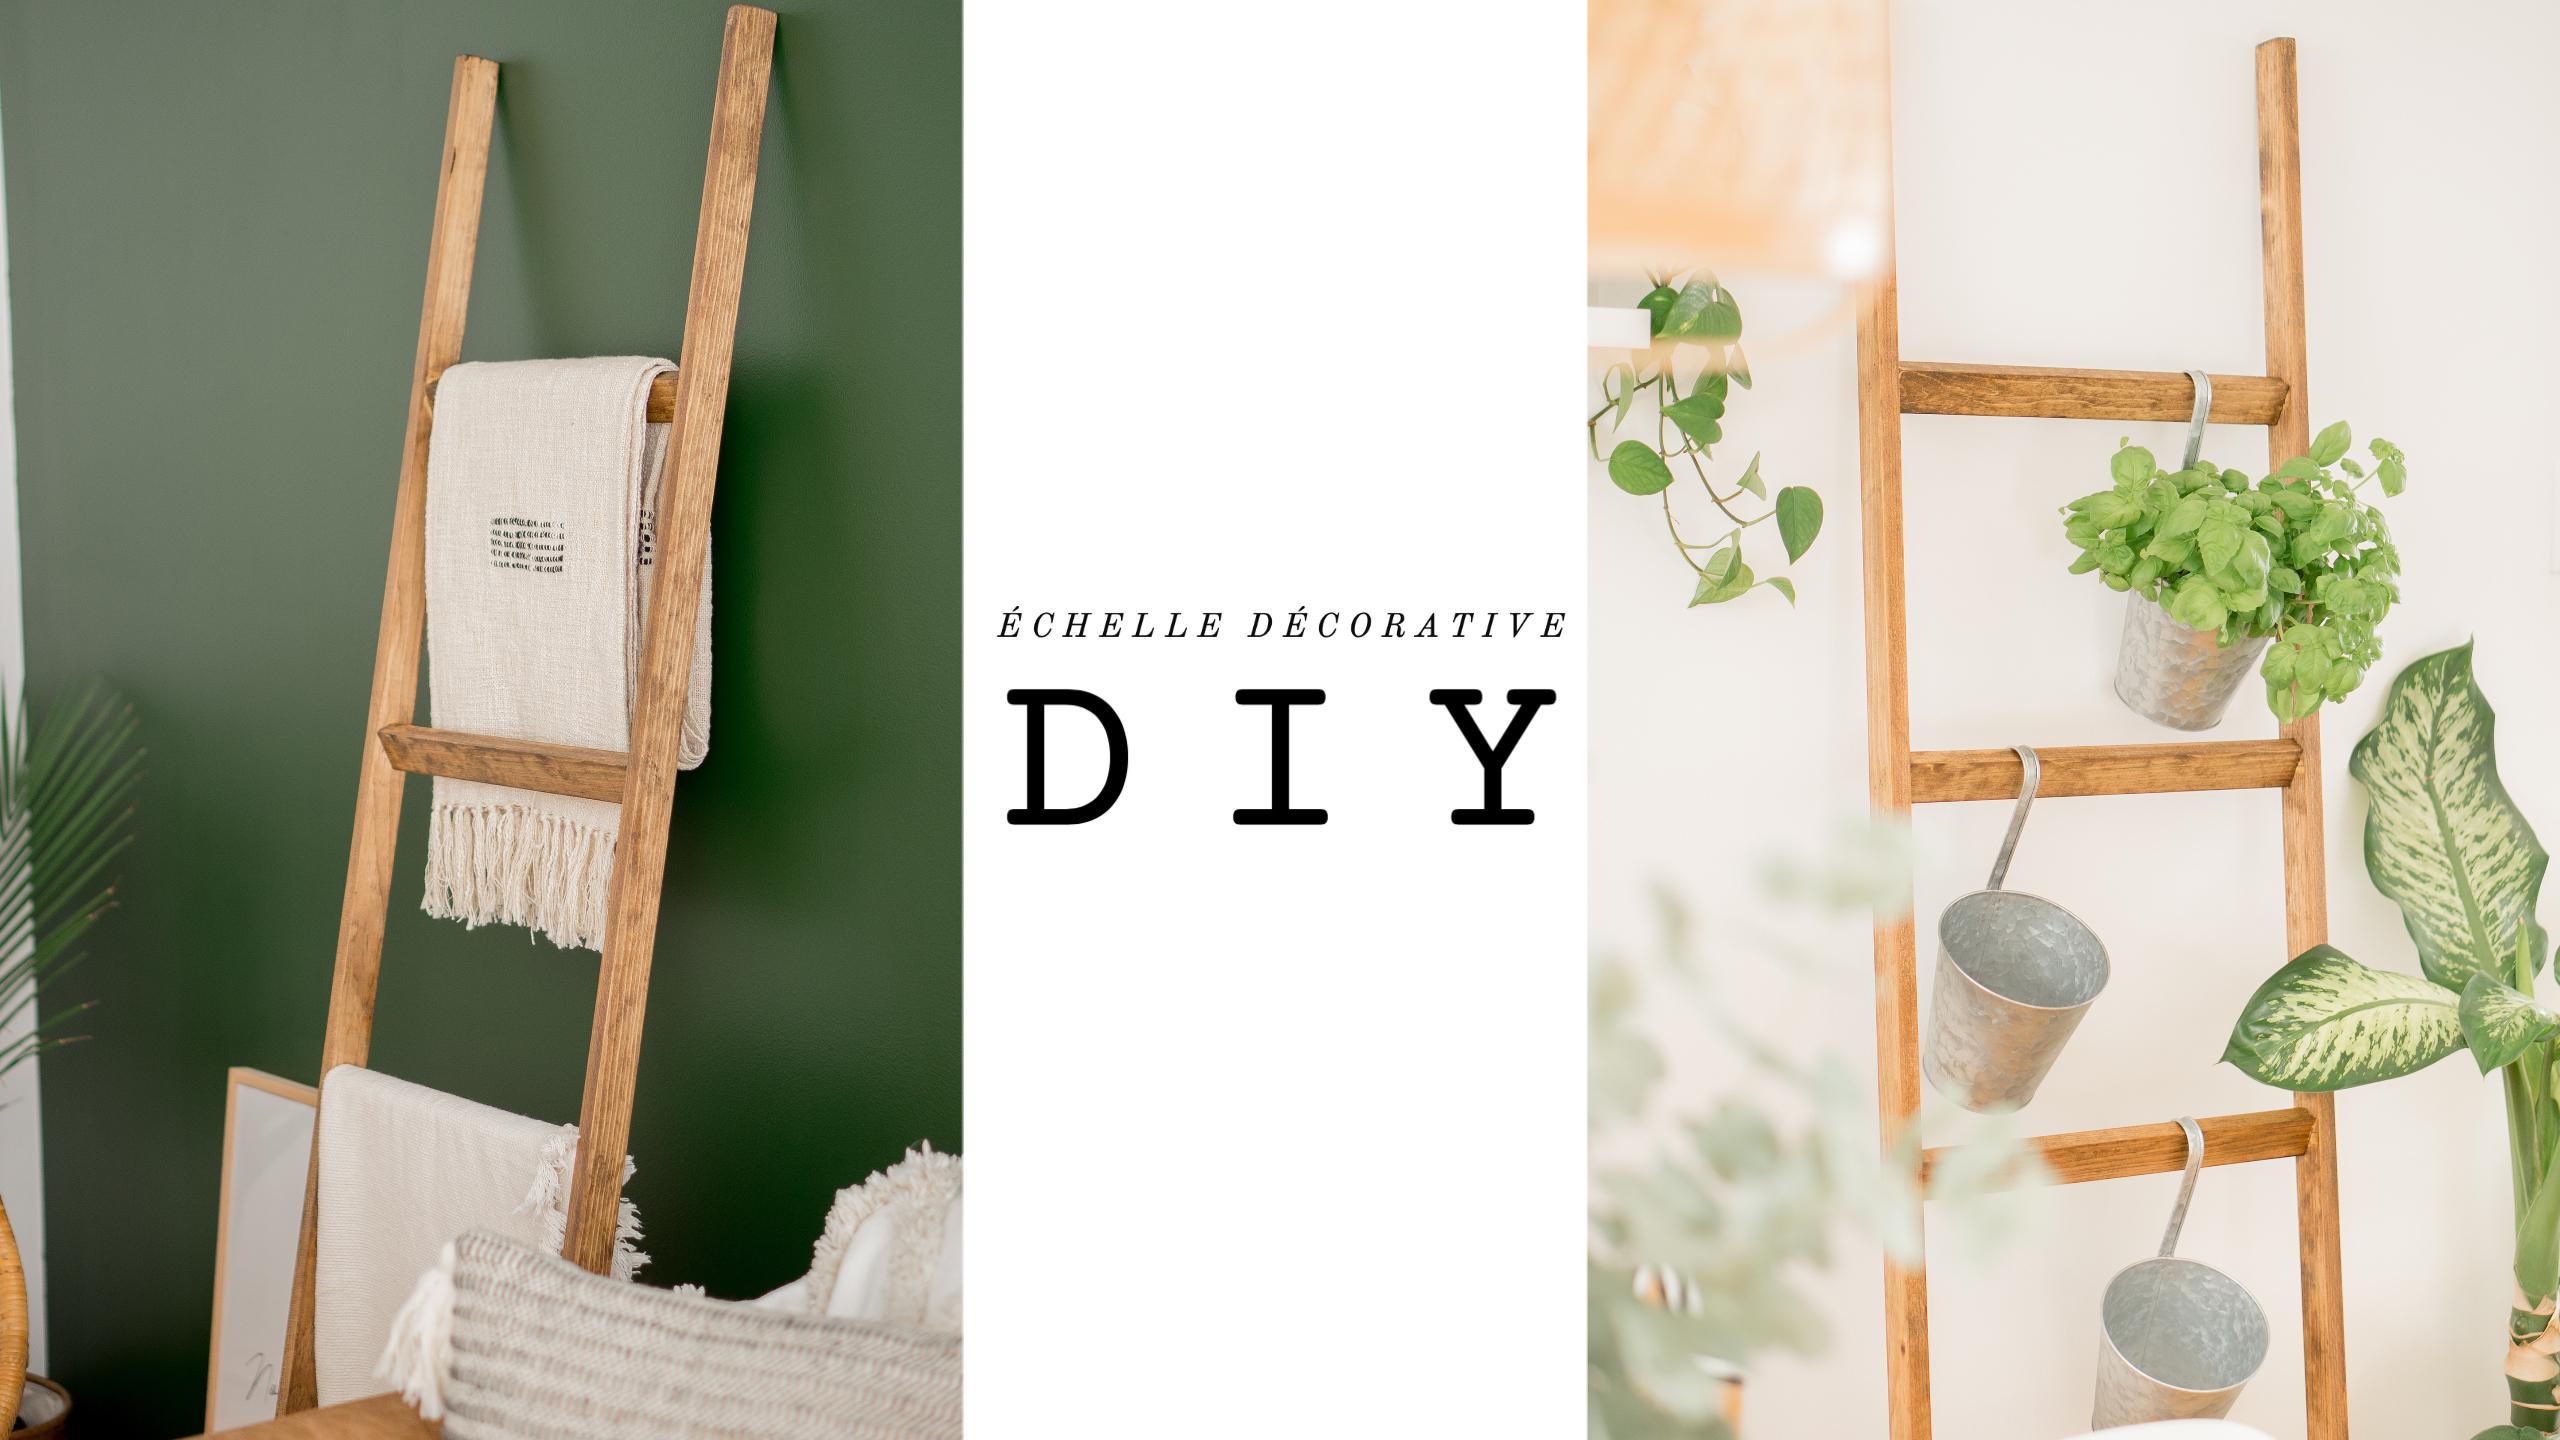 Échelle décorative DIY, 4 façons de la styler.